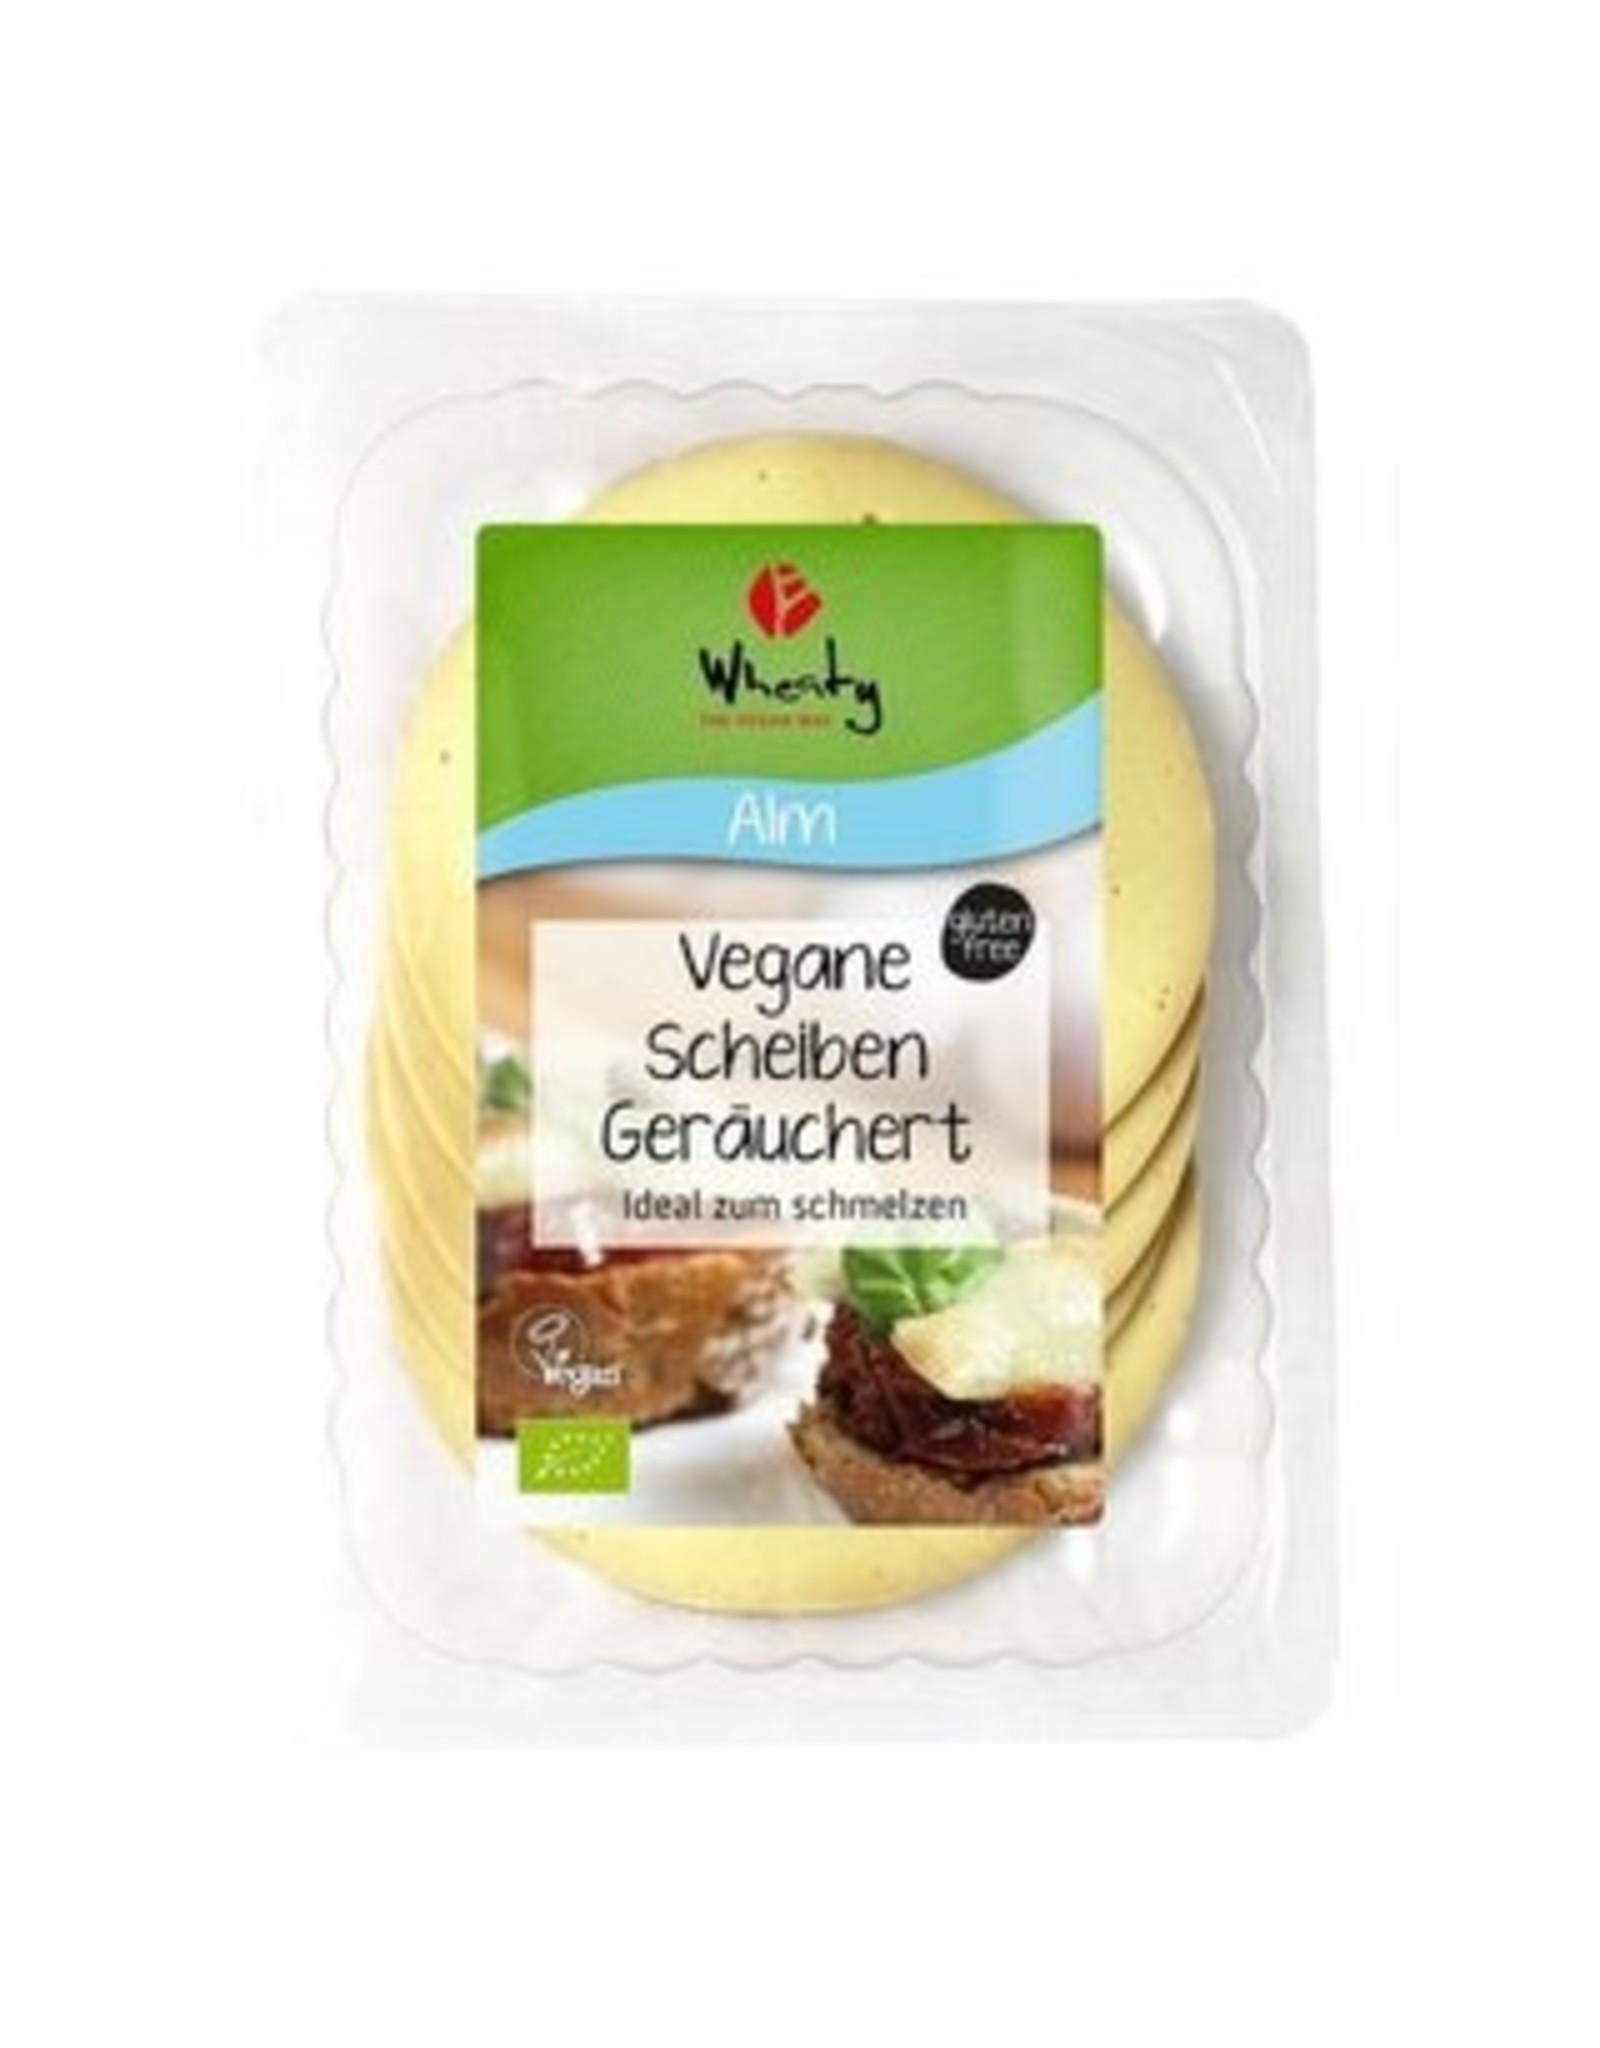 WHEATY Vegane Scheiben Geräuchert 100g